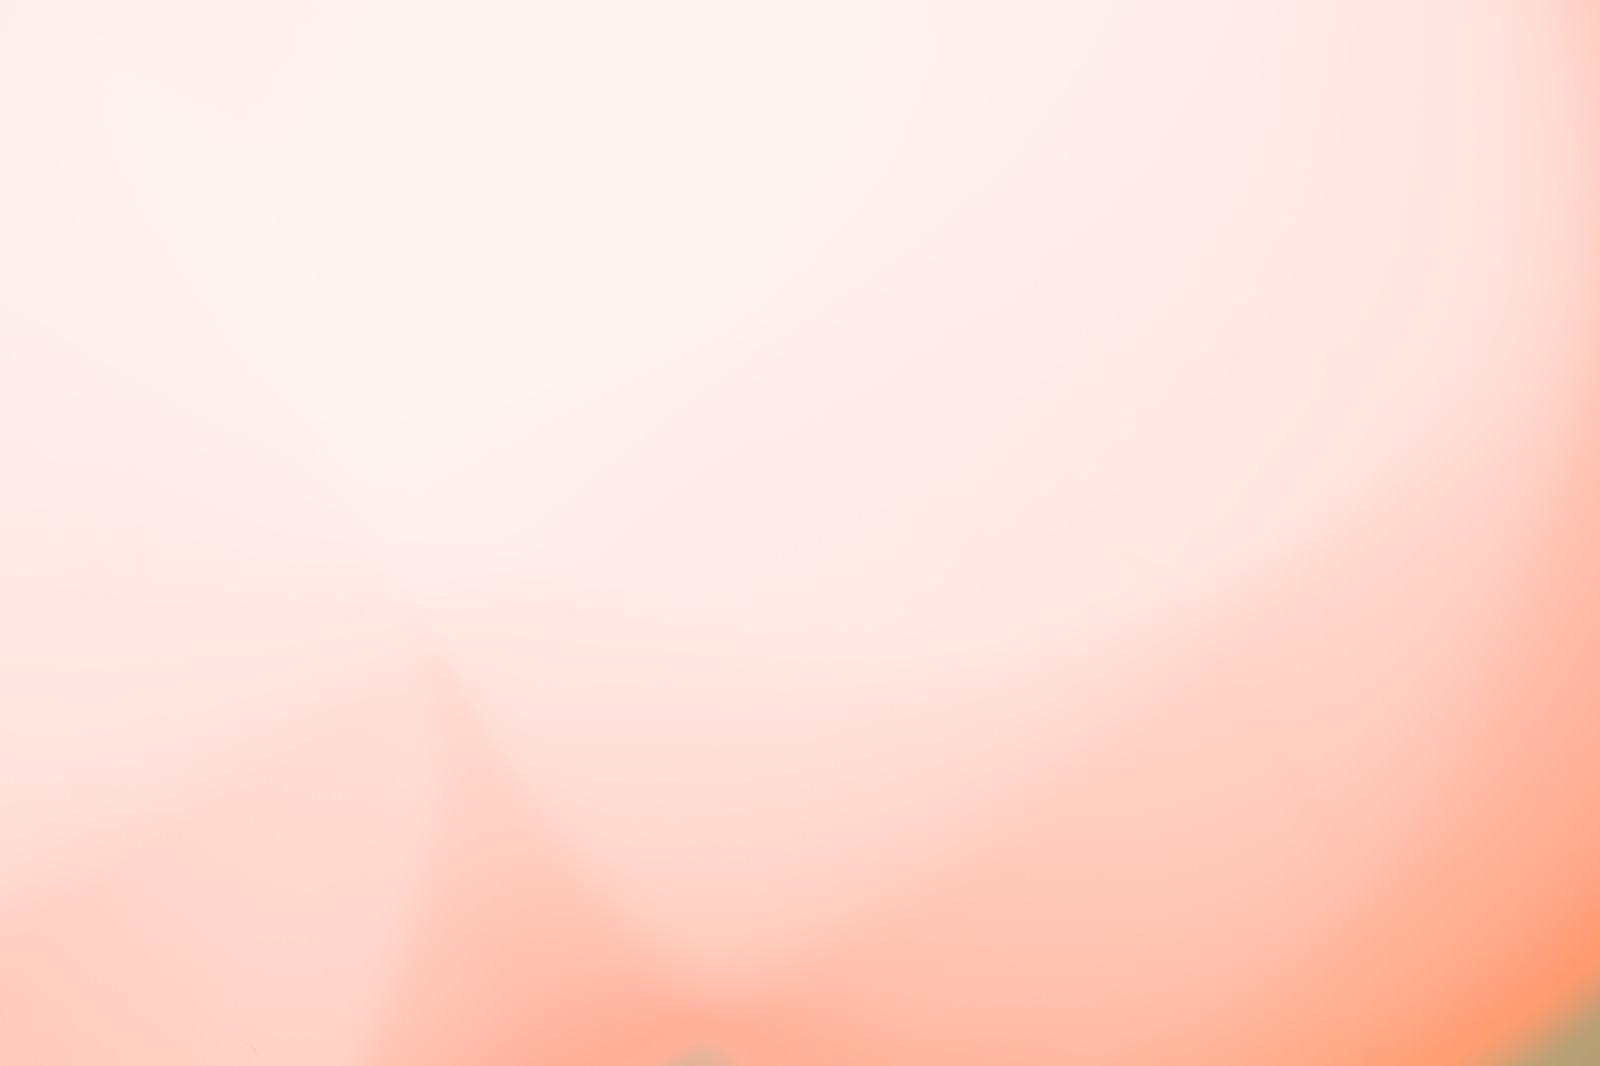 「オレンジ色のグラデーション背景」の写真